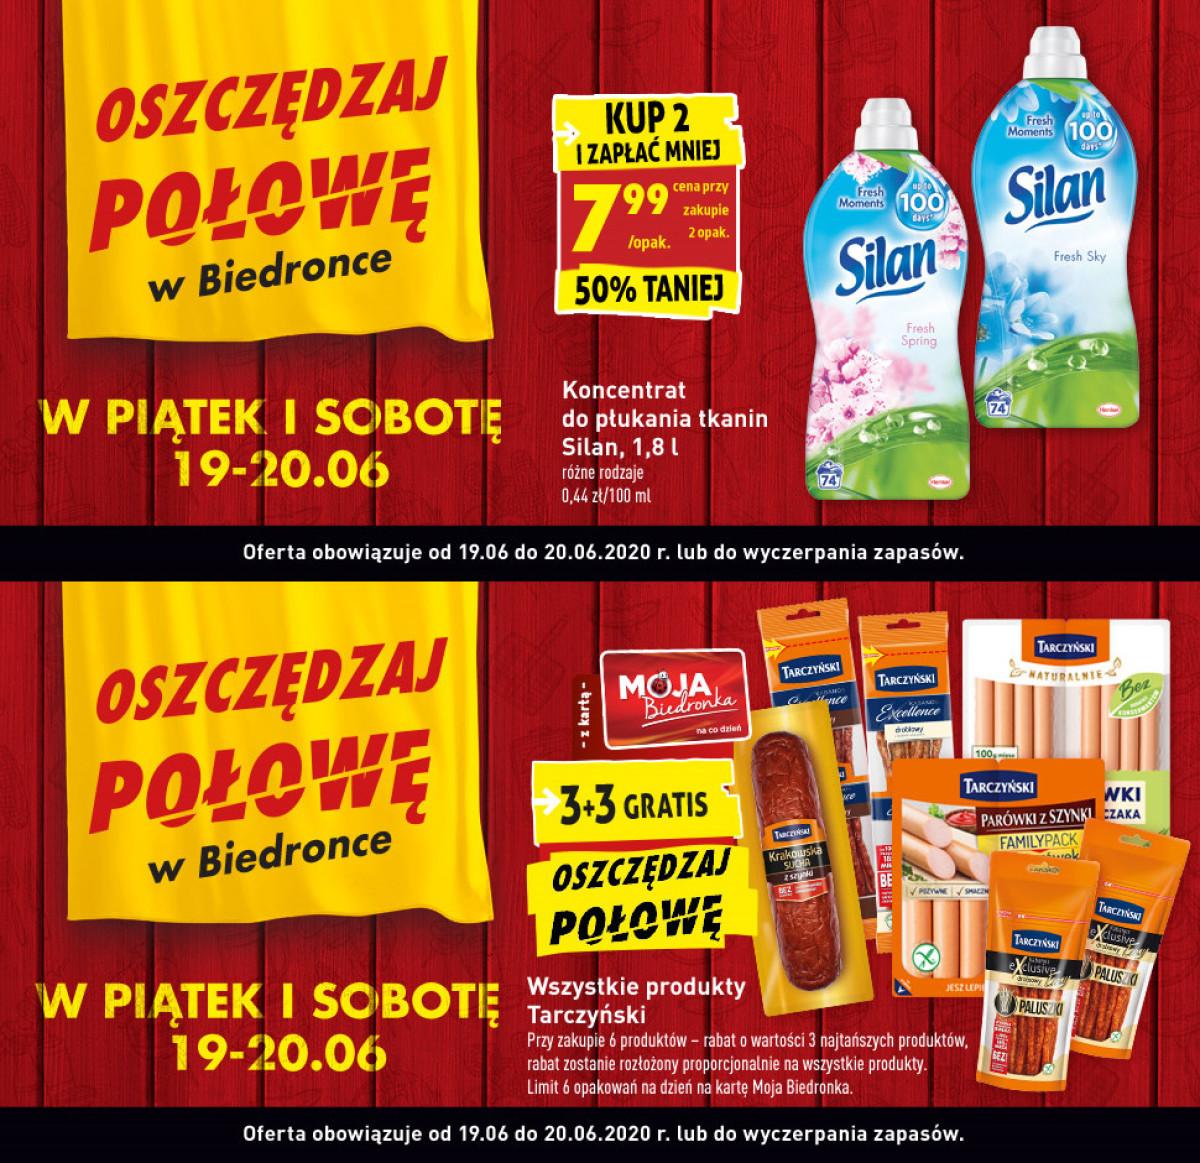 Gazetka Biedronka - Oszczędzaj połowę w Biedronce - W PIĄTEK I SOBOTĘ